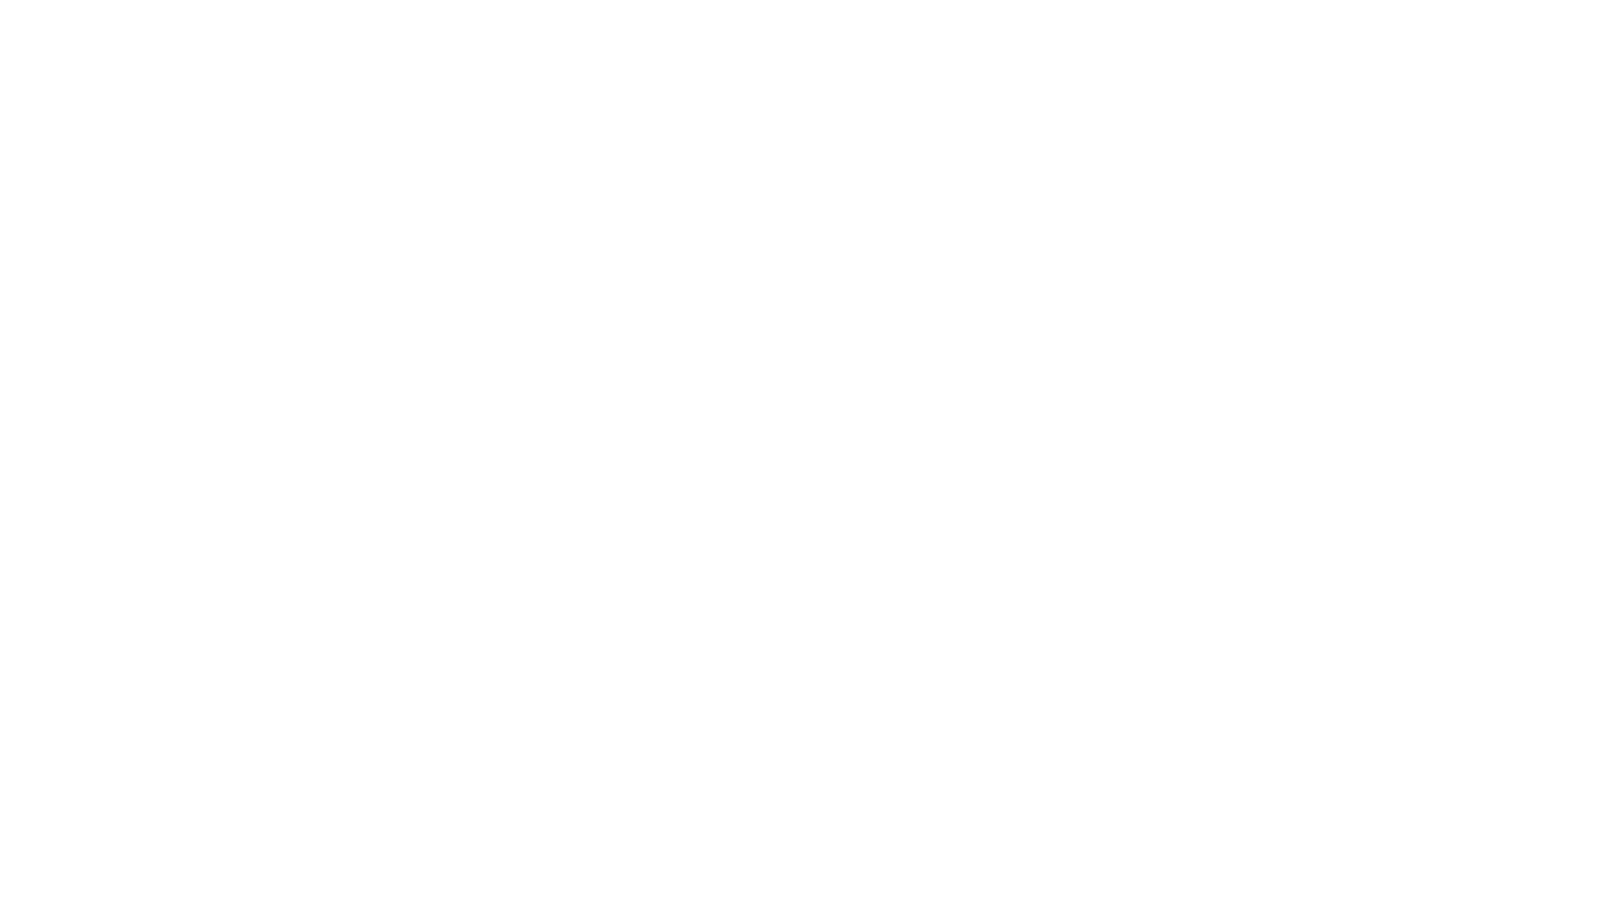 """مصاحبه اختصاصی تلویزیونی خانم دکتر میترا زکریایی با آقای بهبهانی (مدیر شرکت آنجکس استرالیا)"""" در خصوص محصولات ضد دمودکس آنجکس و خواص ضد ویروسی آن  جهت اطلاعات بیشتر و همچنین انجام تست رایگان آنلاین می توانید به سایت فارسی آنجکس مراجعه فرمایید:  https://www.ungexau.com/fa/  #آنجکس #دمودکس_چیست #دمودکس_برویس #دمودکس_فولیکولاروم #عوارض_دمودکس #گل_مژه #بلفاریت #عوارض_دمودکس #محصولات_گیاهی #محصولات_طبیعی #اسپری_بینظیر #ریزشمو #ضد_ویروس #ضد_انگل #قرمزی #خارش_چشم #سوزش_چشم #لکه_پوستی #تشدید_عوارض  #محصولات_آنجکس #درمان #گیاهی #طبیعی #شوره_سر #پیری_پوست #درماتیت_سبورئیک #شوره #قرمزی #التهاب #حساسیت"""